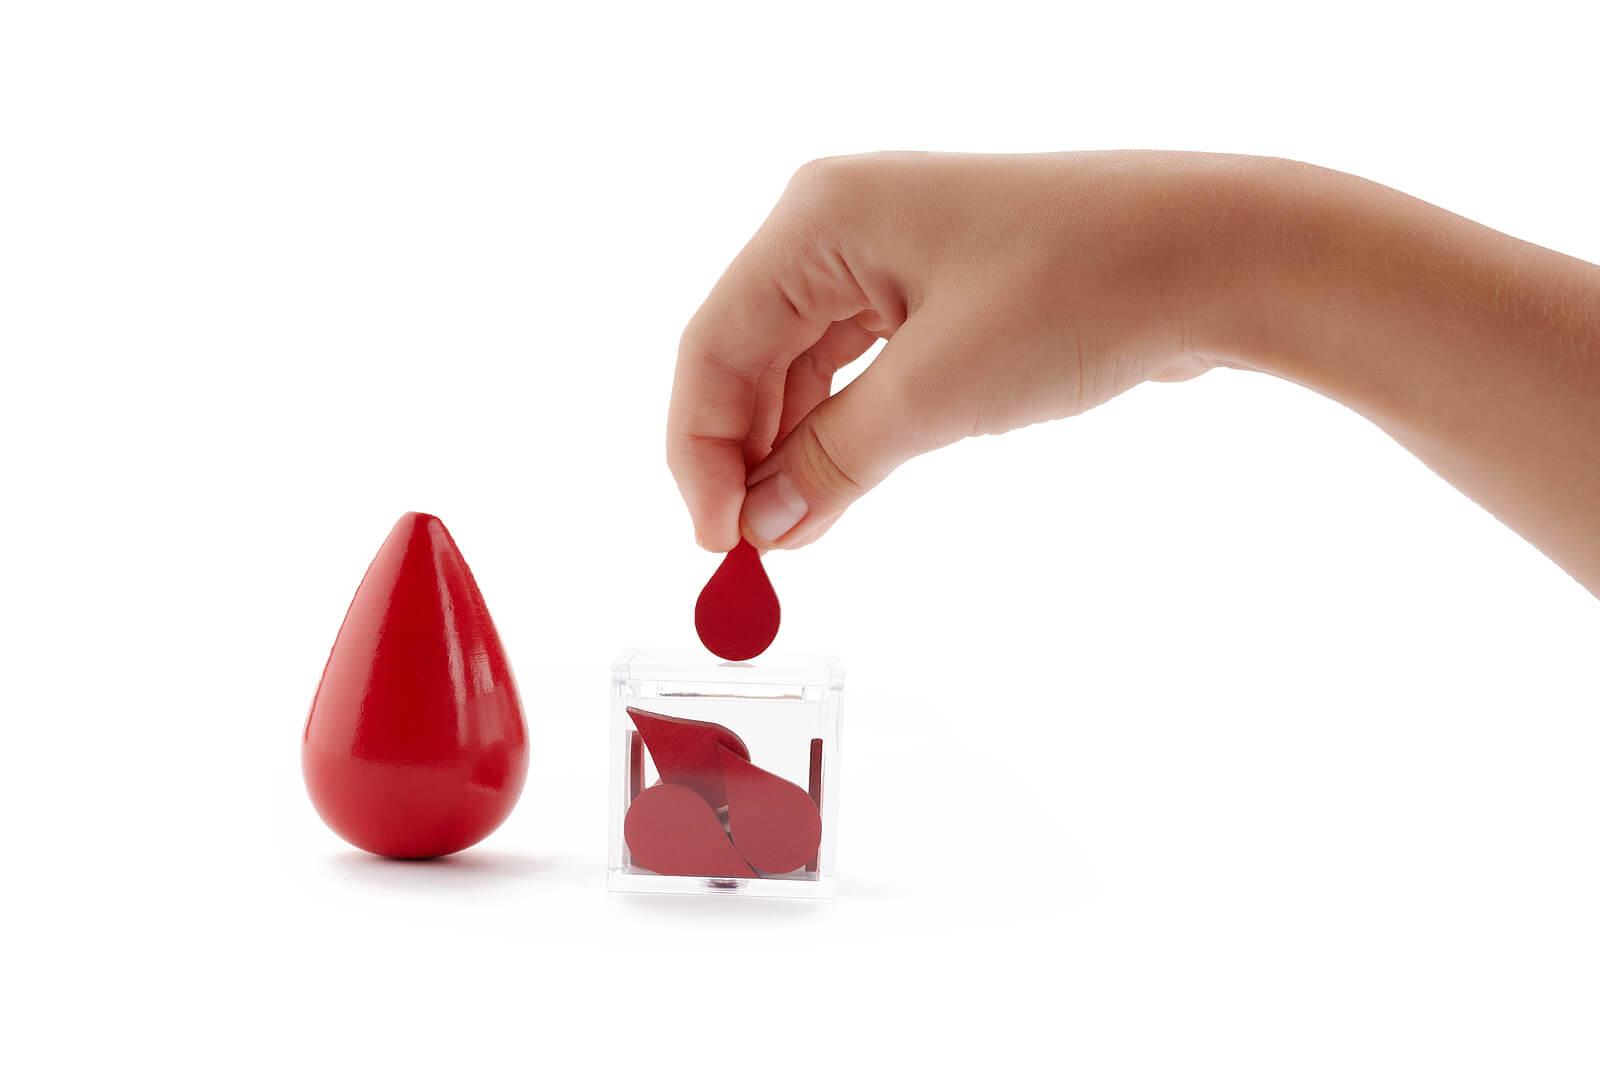 ¿Qué tan bueno es donar sangre?